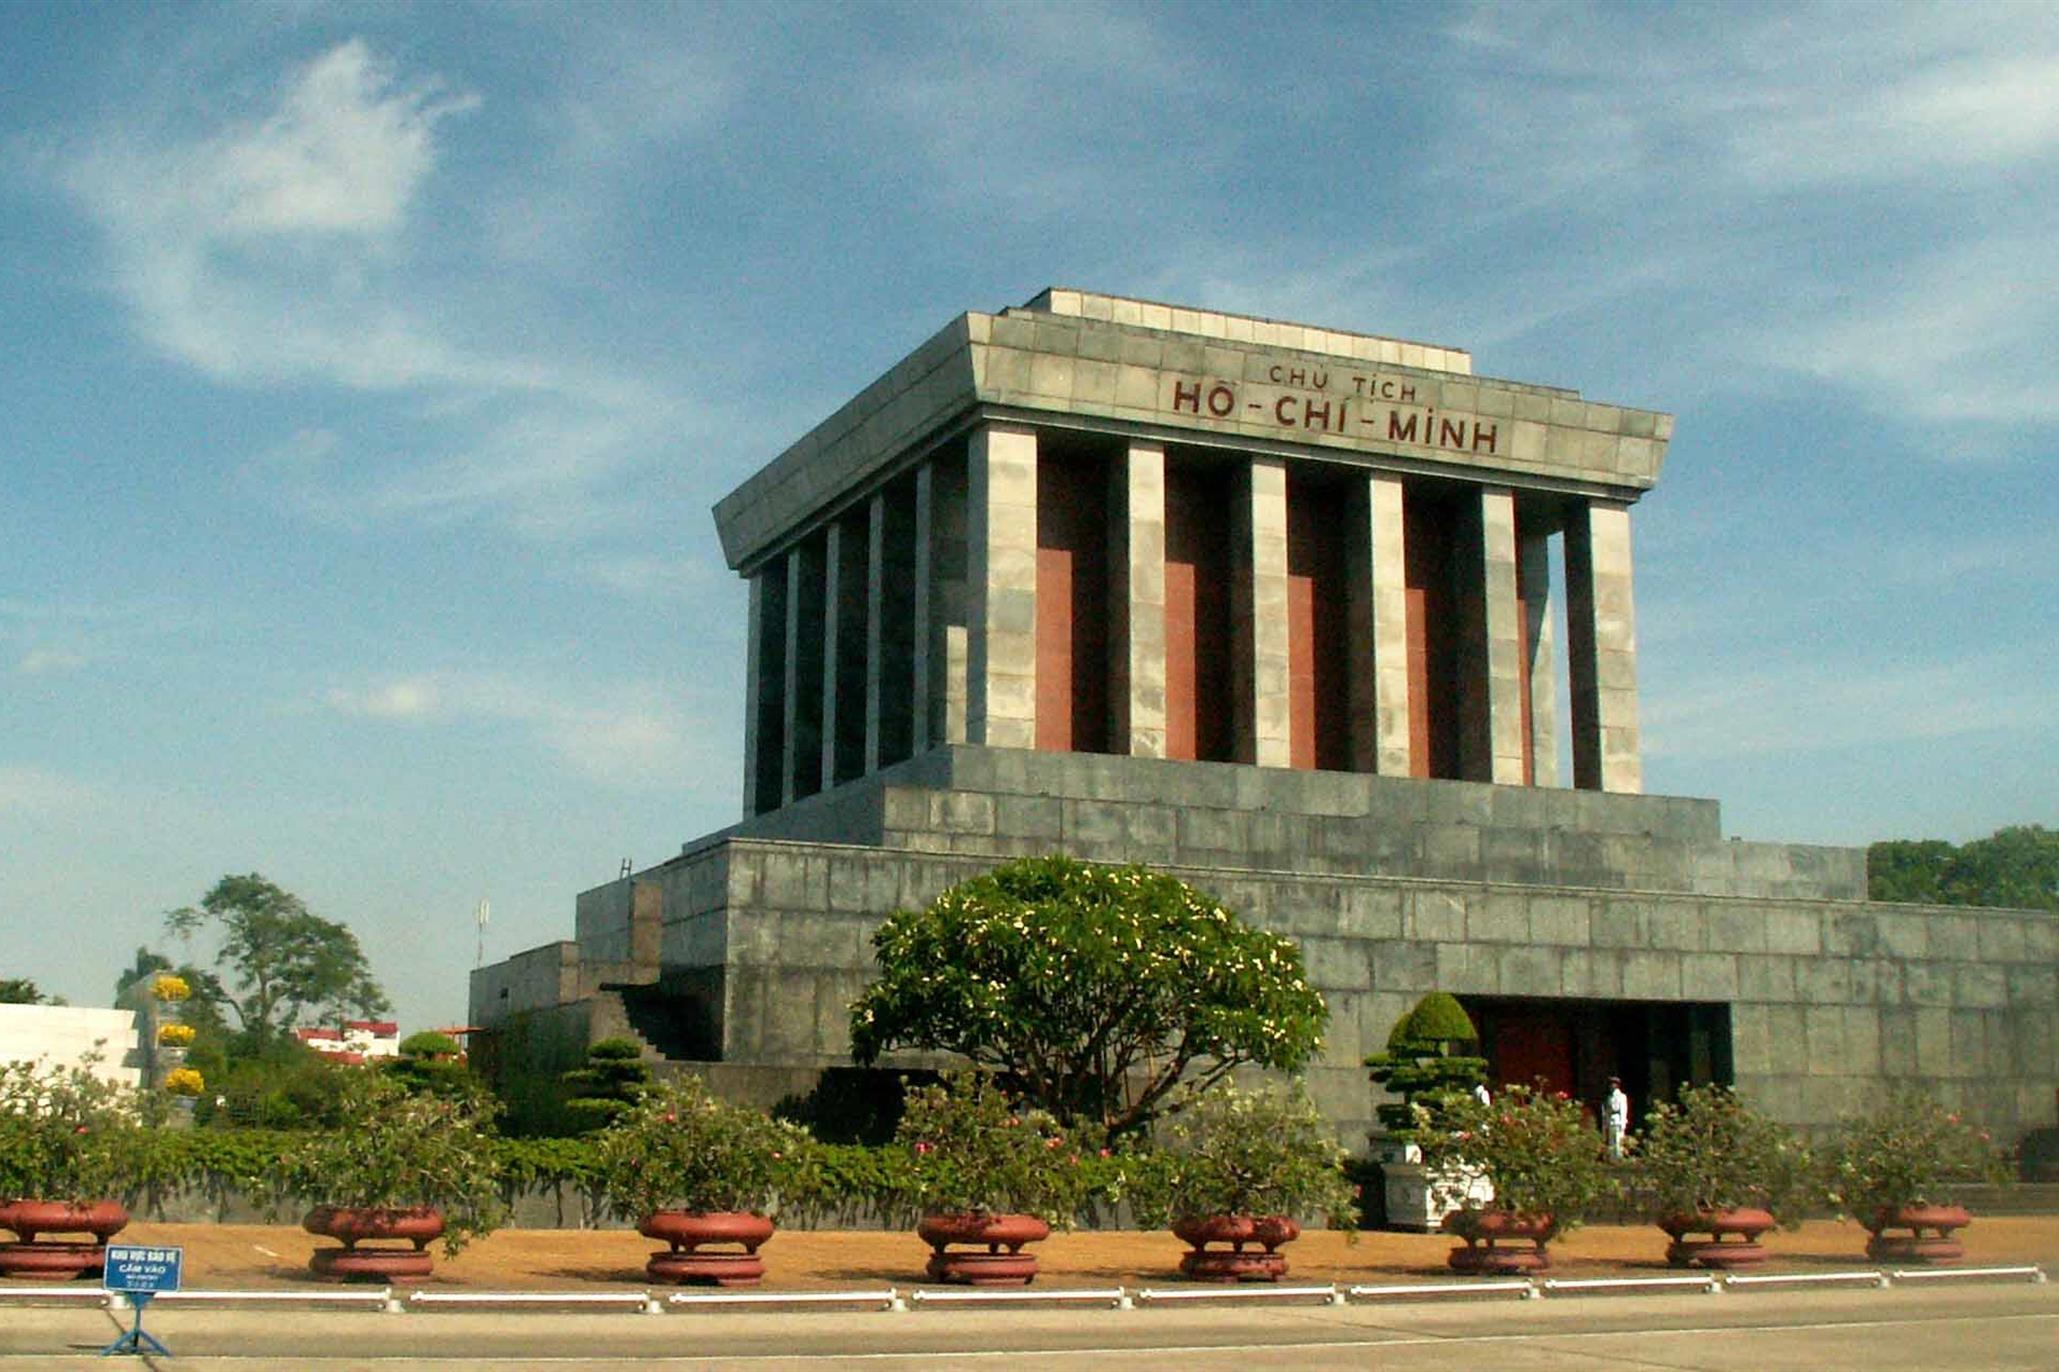 City tour Hà Nội, bạn sẽ đi những đâu?